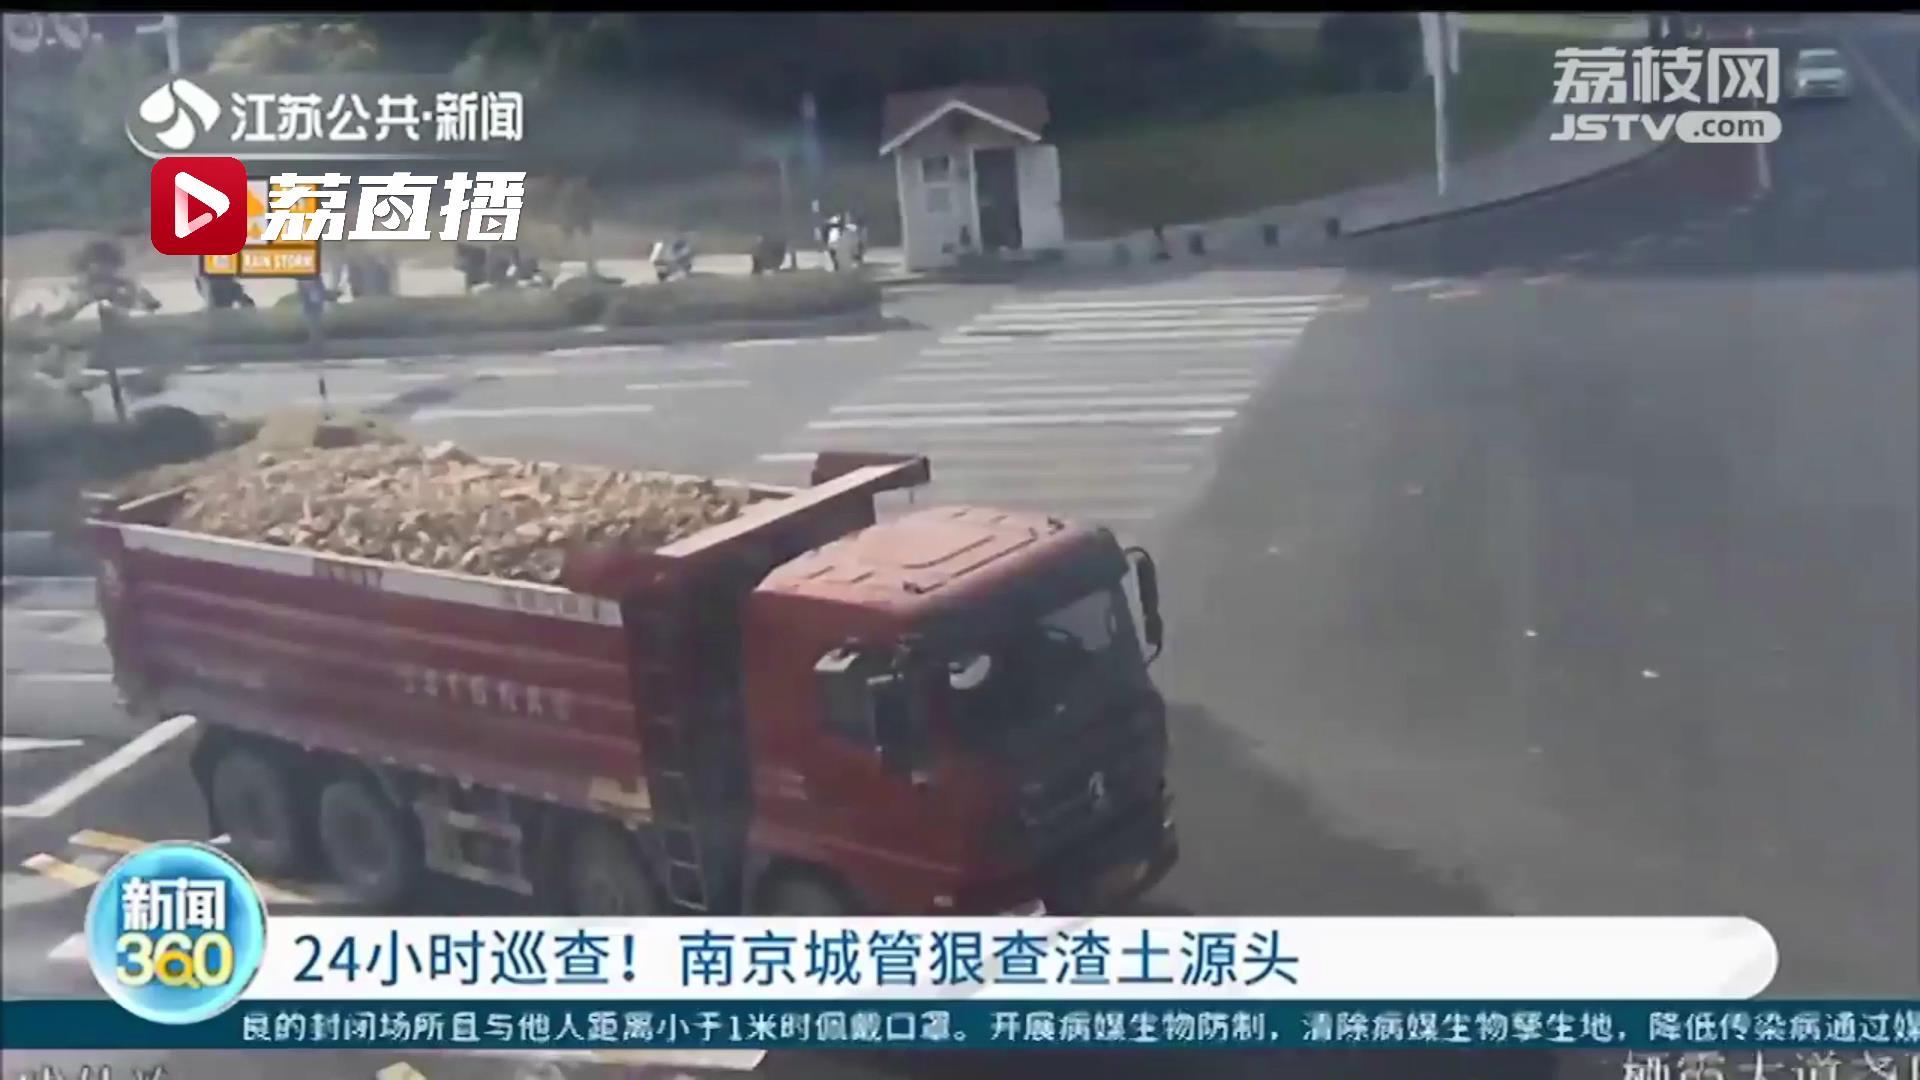 24小时巡查!南京城管狠查渣土源头